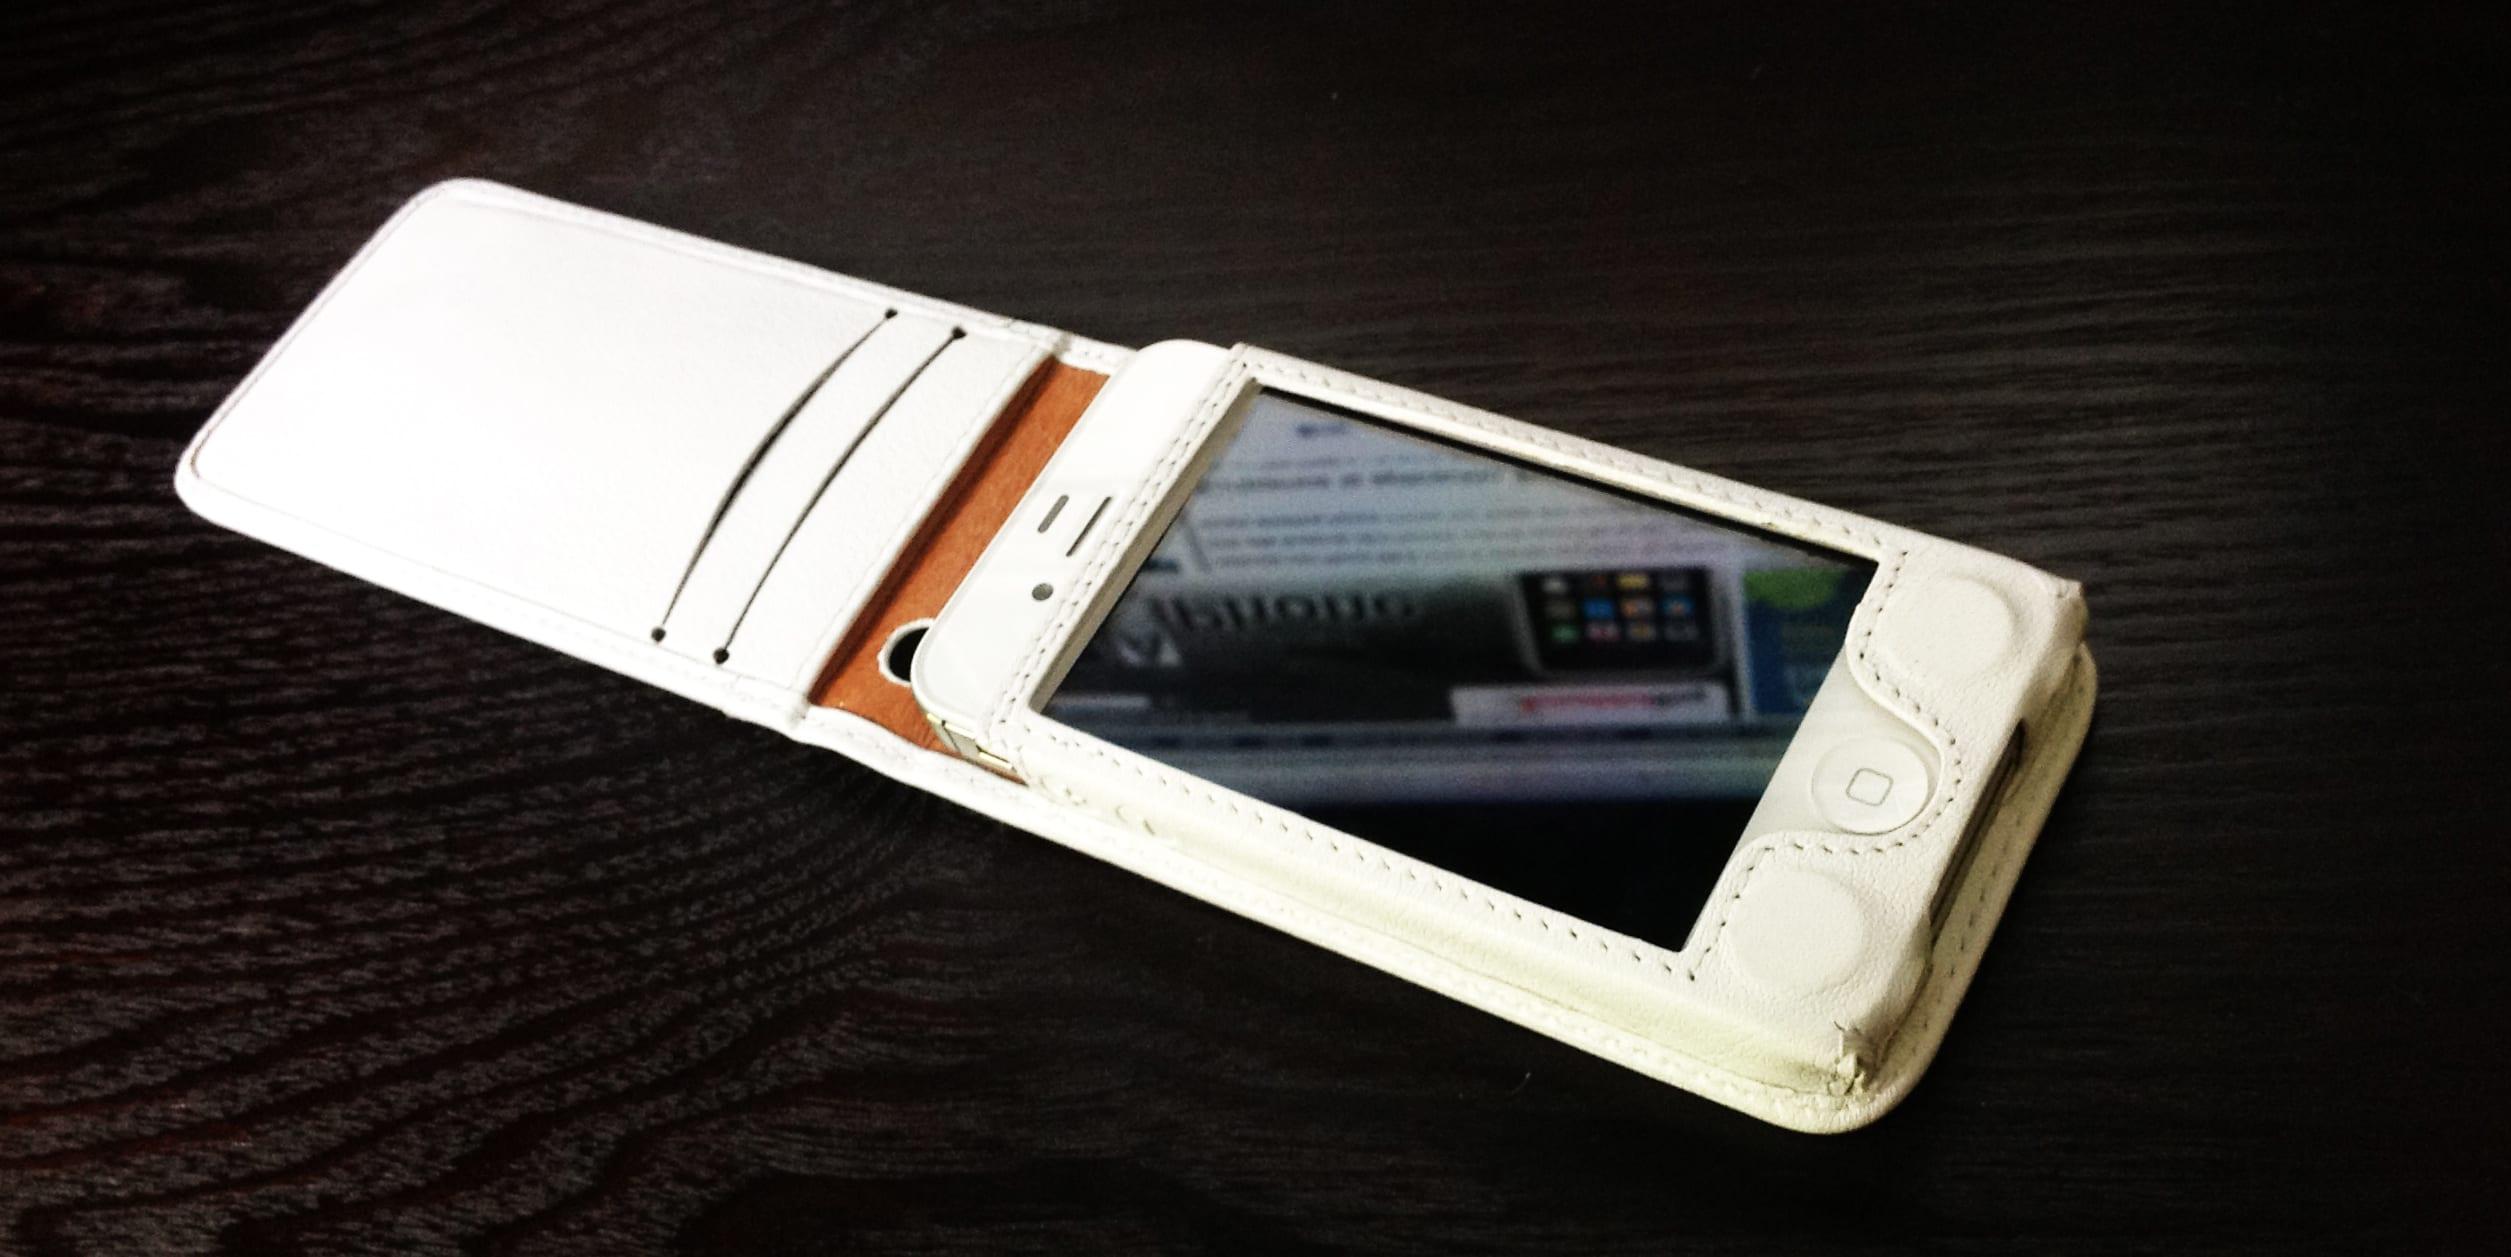 d6a2f6bce59 Piel Frama, fundas de piel de gran calidad hechas a mano para tu iPhone